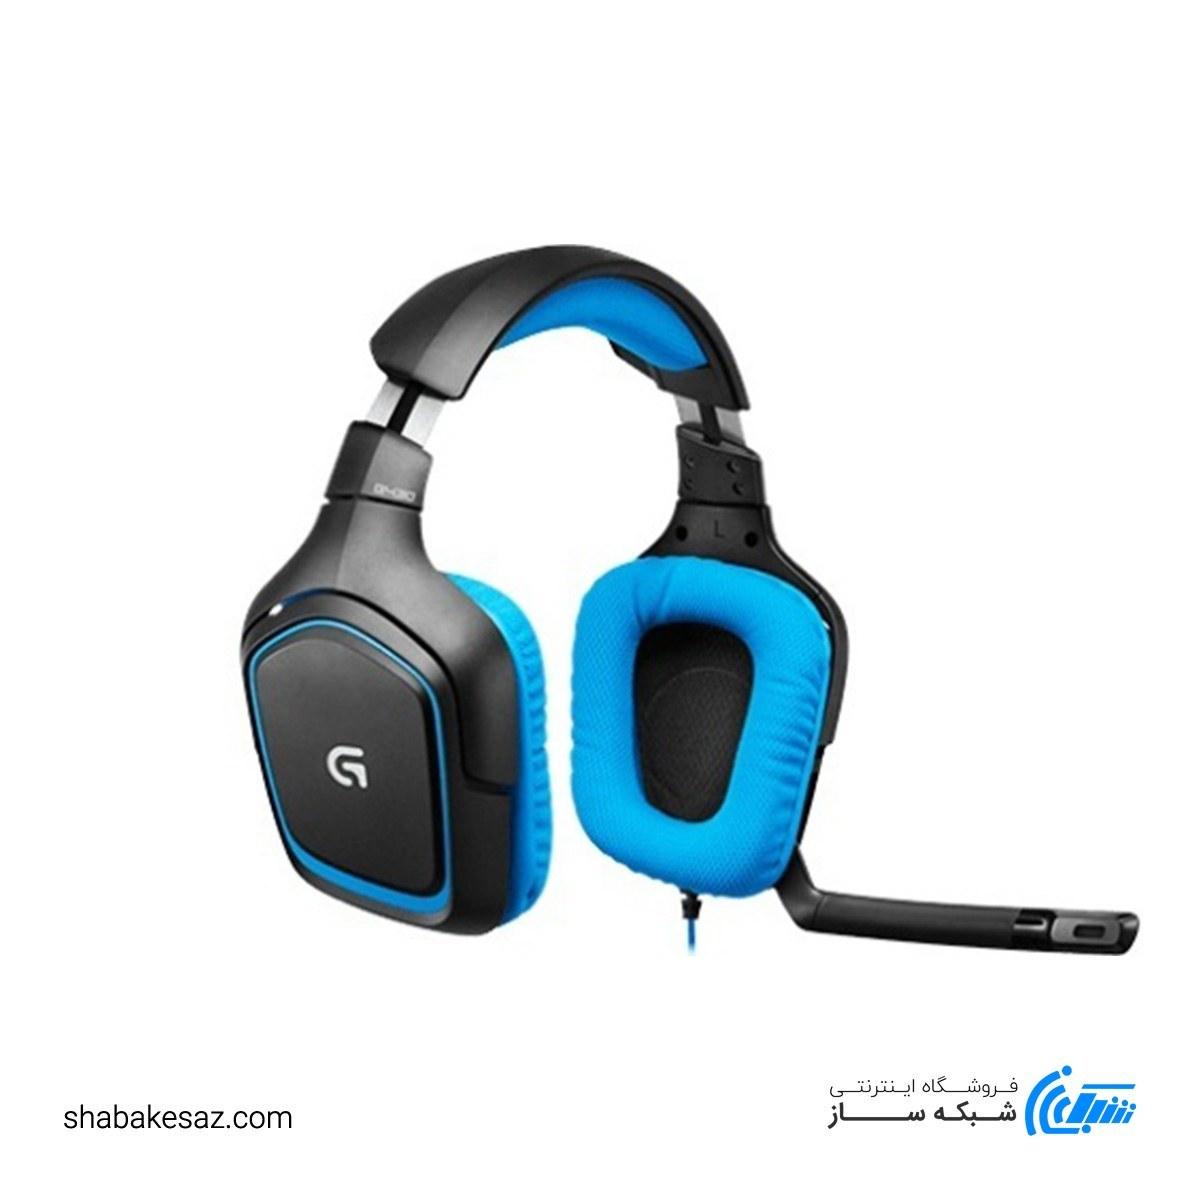 تصویر هدست مخصوص بازی لاجیتک مدل G430 ا Logitech G430 7.1 Surround Sound Gaming Headset Logitech G430 7.1 Surround Sound Gaming Headset